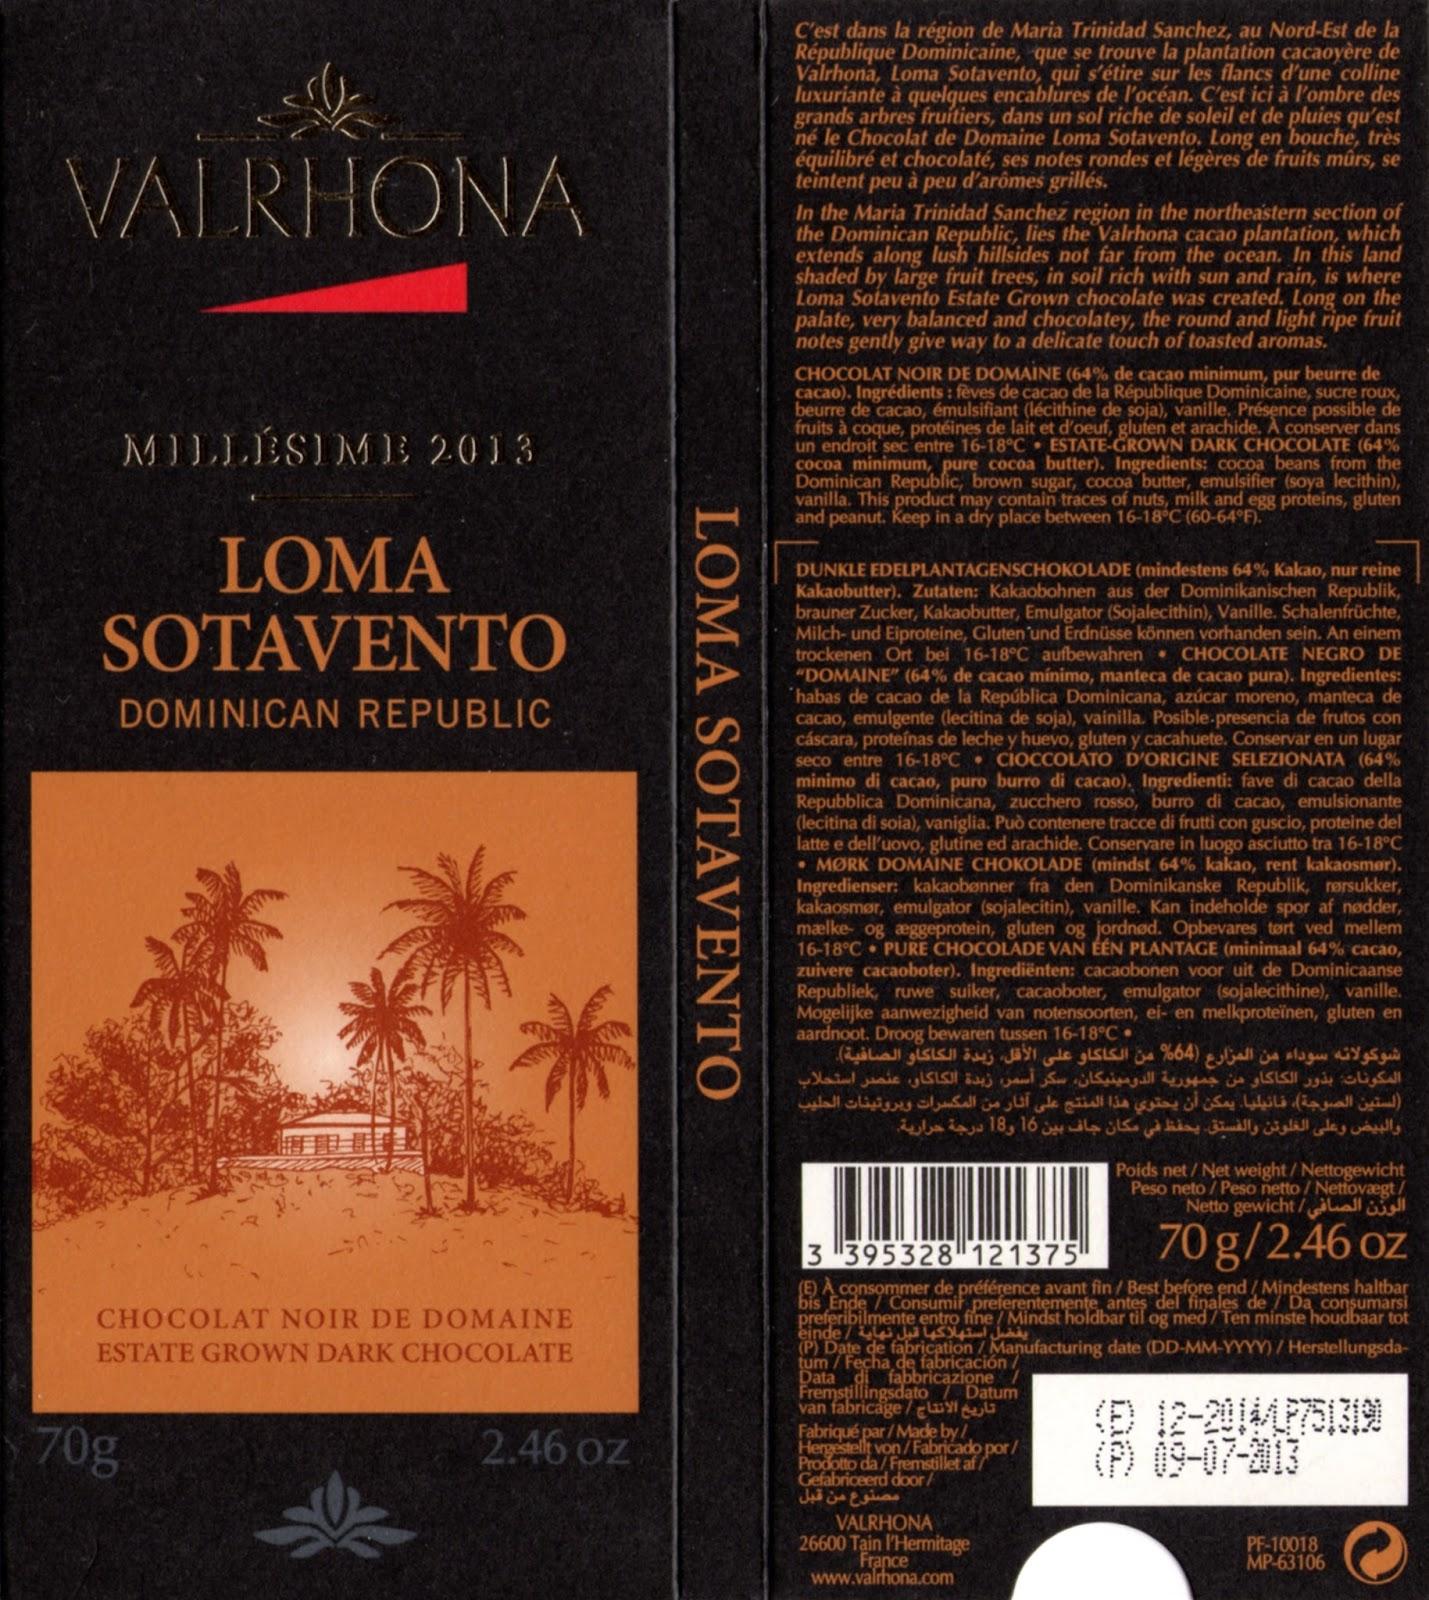 tablette de chocolat noir dégustation valrhona noir de domaine loma sotavento dominican republic 2013